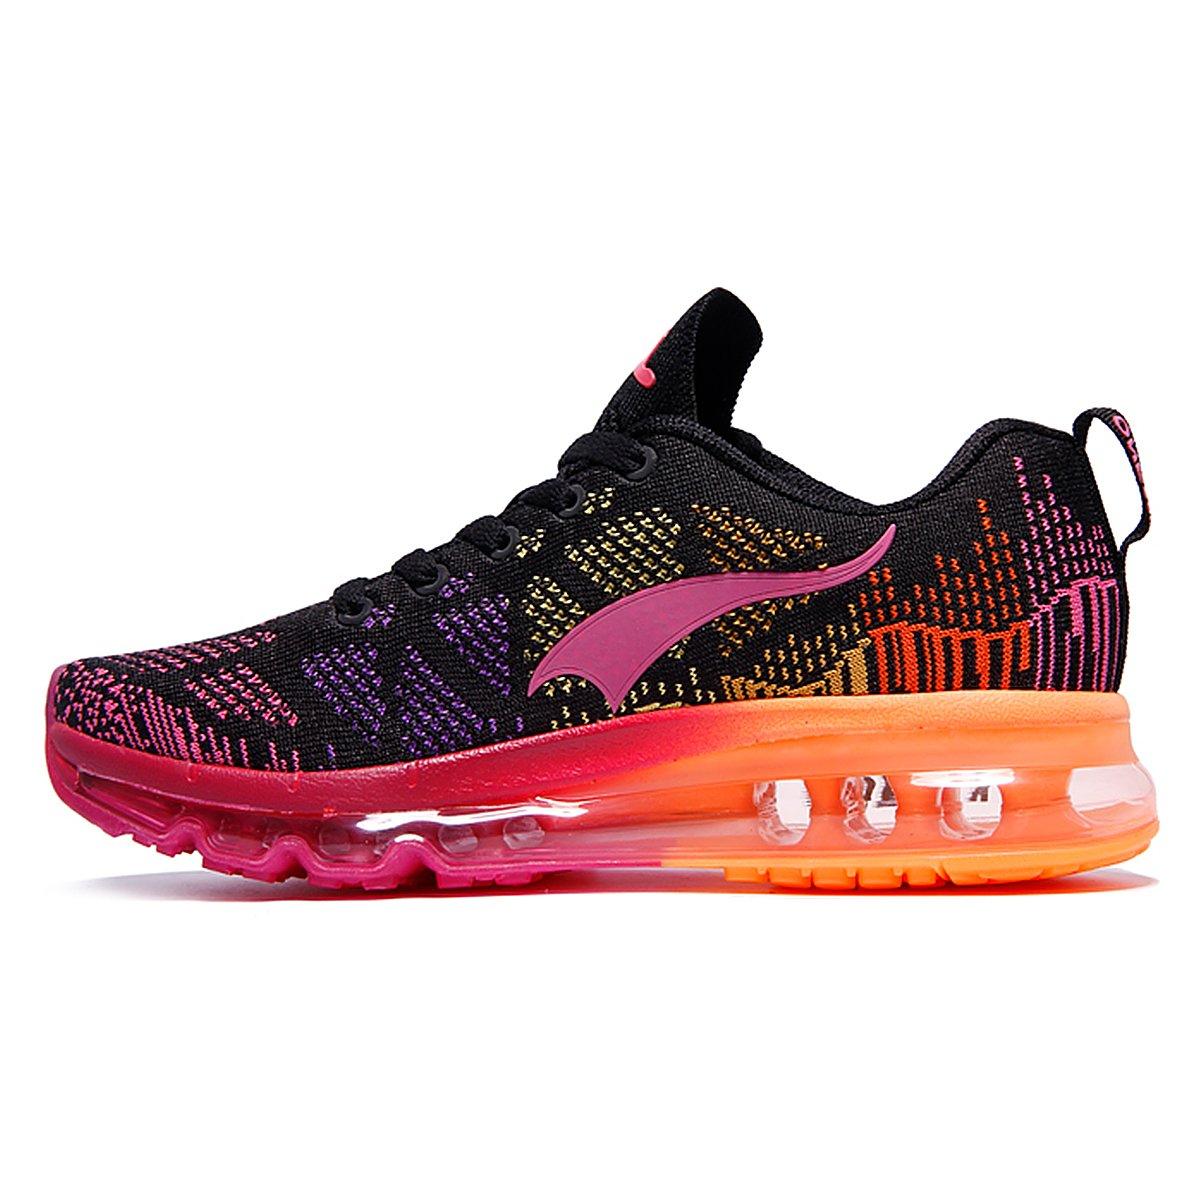 ONEMIX Women's Lightweight Air Cushion Outdoor Sport Running Shoes B07BQNSS9M Women 6.5(M)US/Men 5(M)US 37EU|Blackred-1